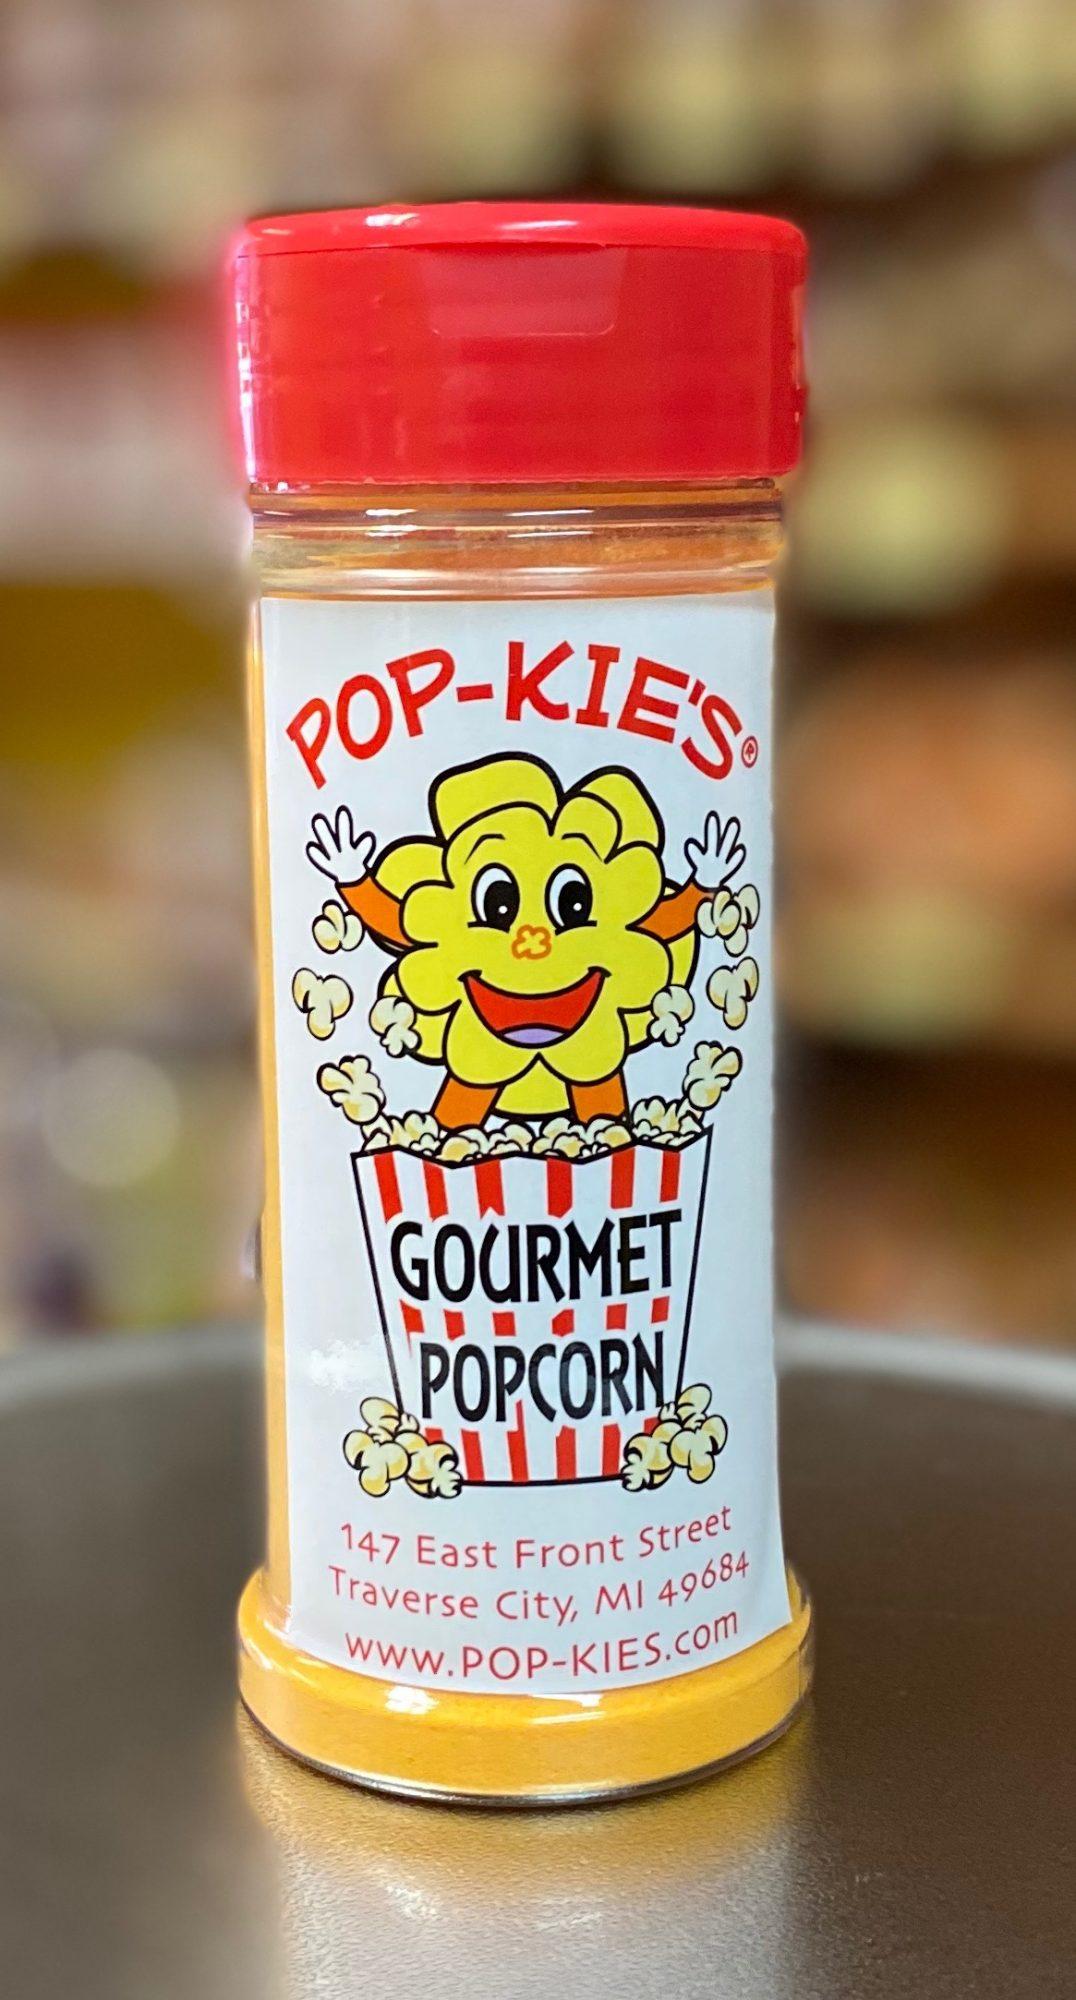 Butter Popcorn Seasoning Popkies